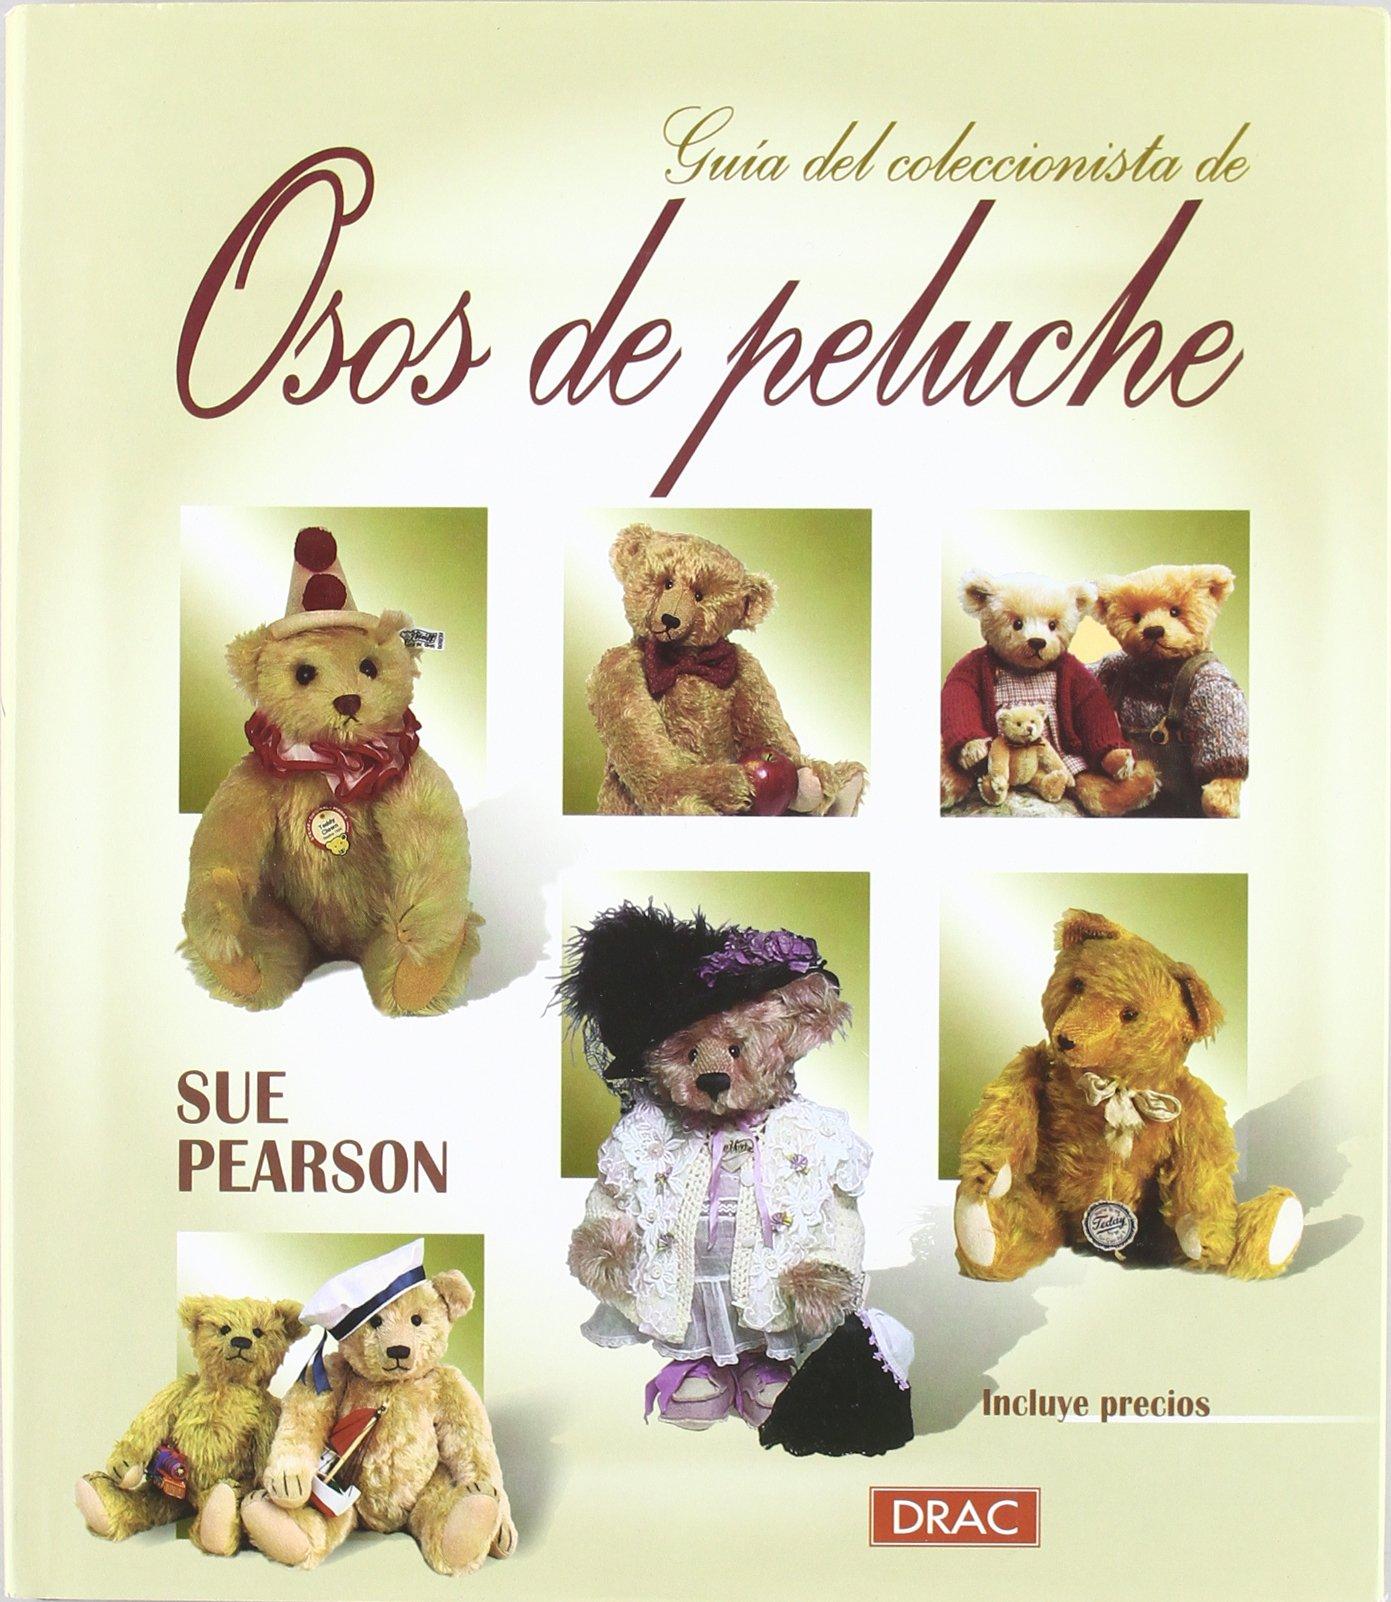 Guia del Coleccionista de Osos de Peluche (Spanish Edition): Sue Pearson: 9788488893888: Amazon.com: Books